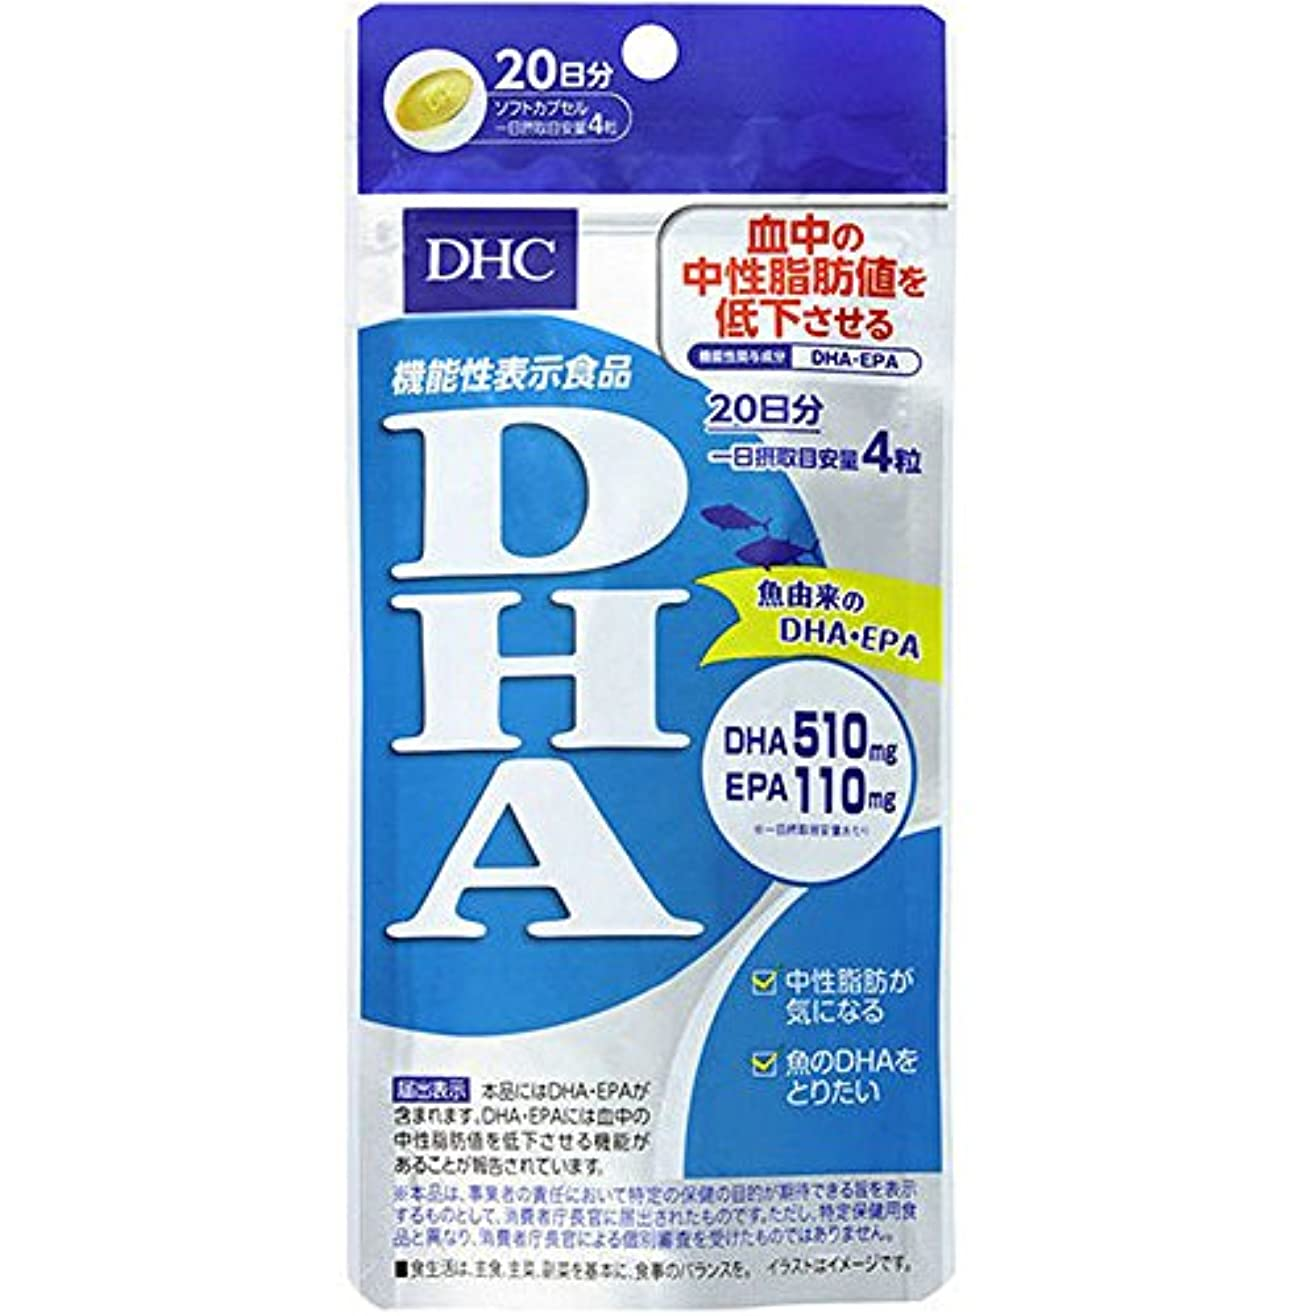 トレイル観察する霧DHC DHA 20日分 80粒 【機能性表示食品】